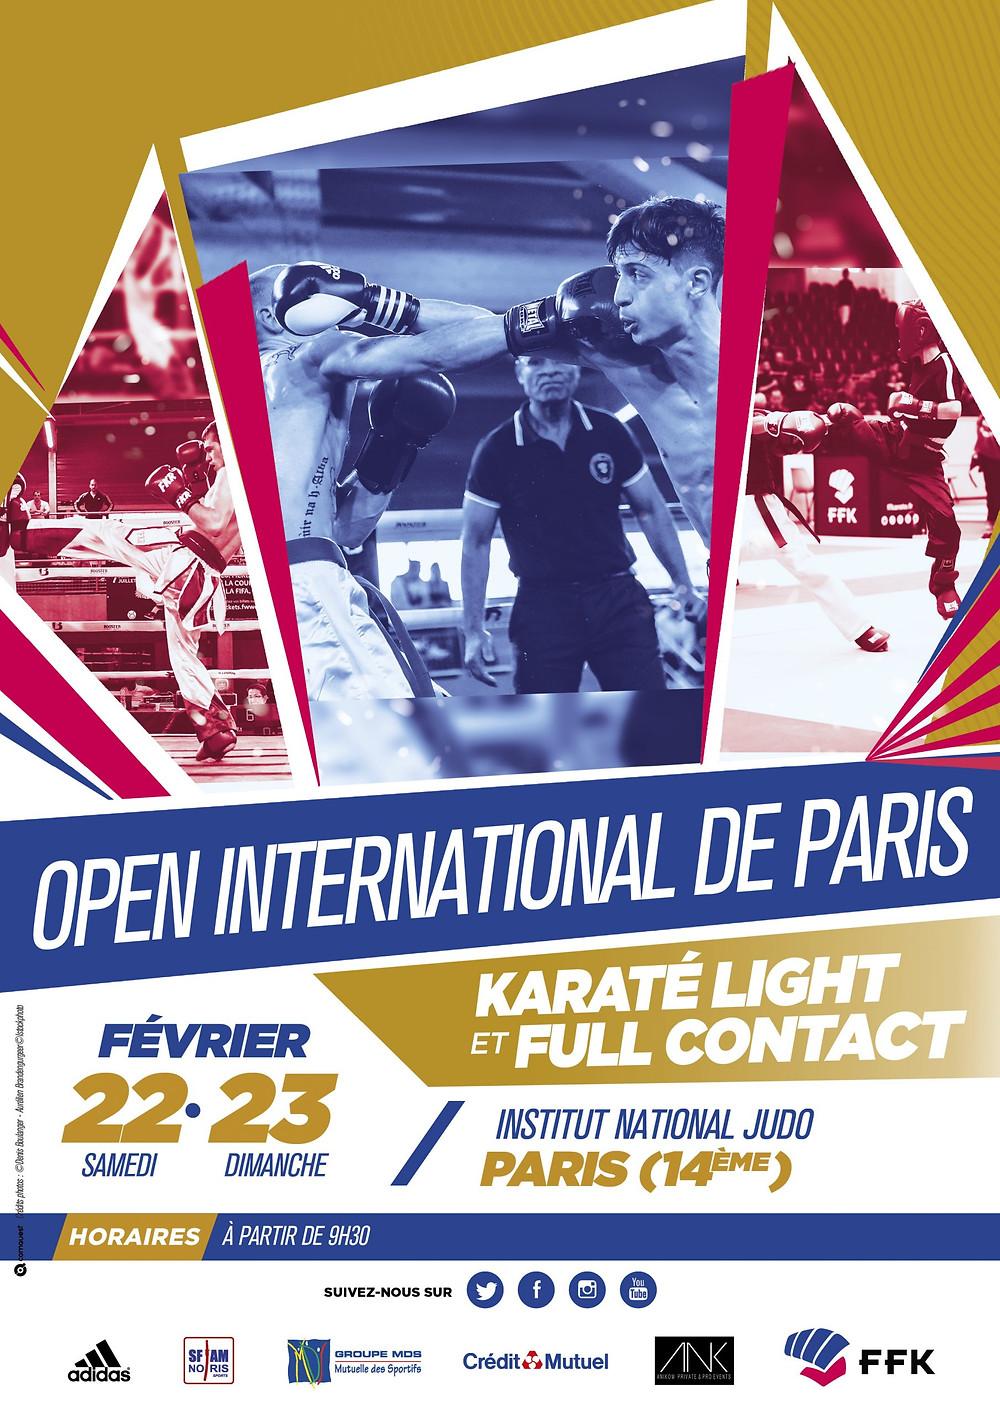 Open international de Paris Light contact et full contact - athlète et sépienne - sclérose en plaques karaté et boxe